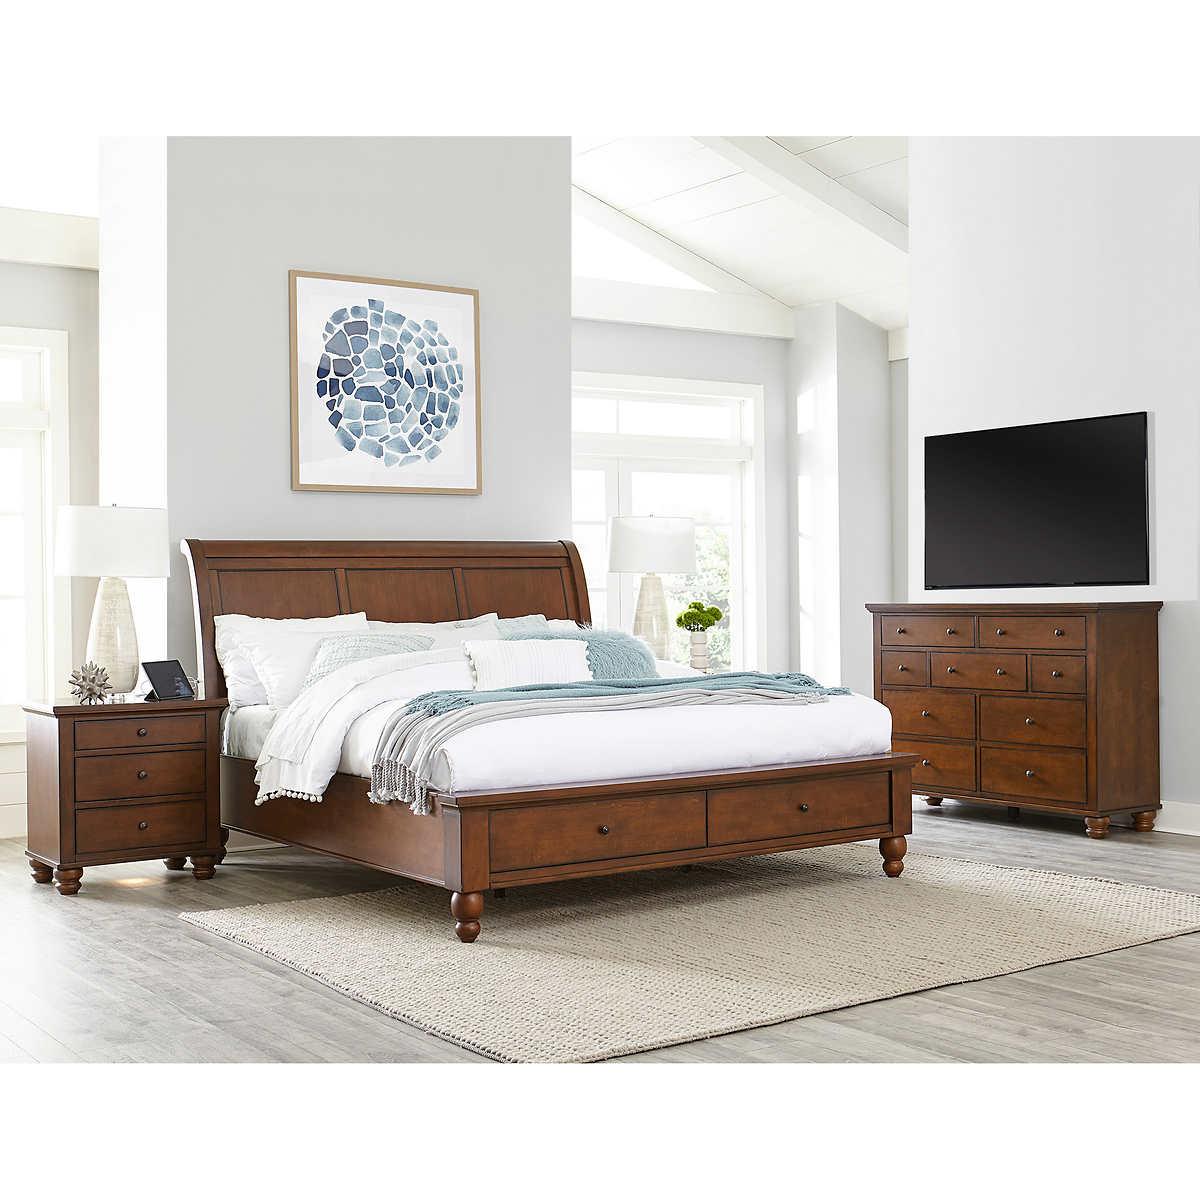 Ashfield 4 Piece Queen Storage Bedroom Set